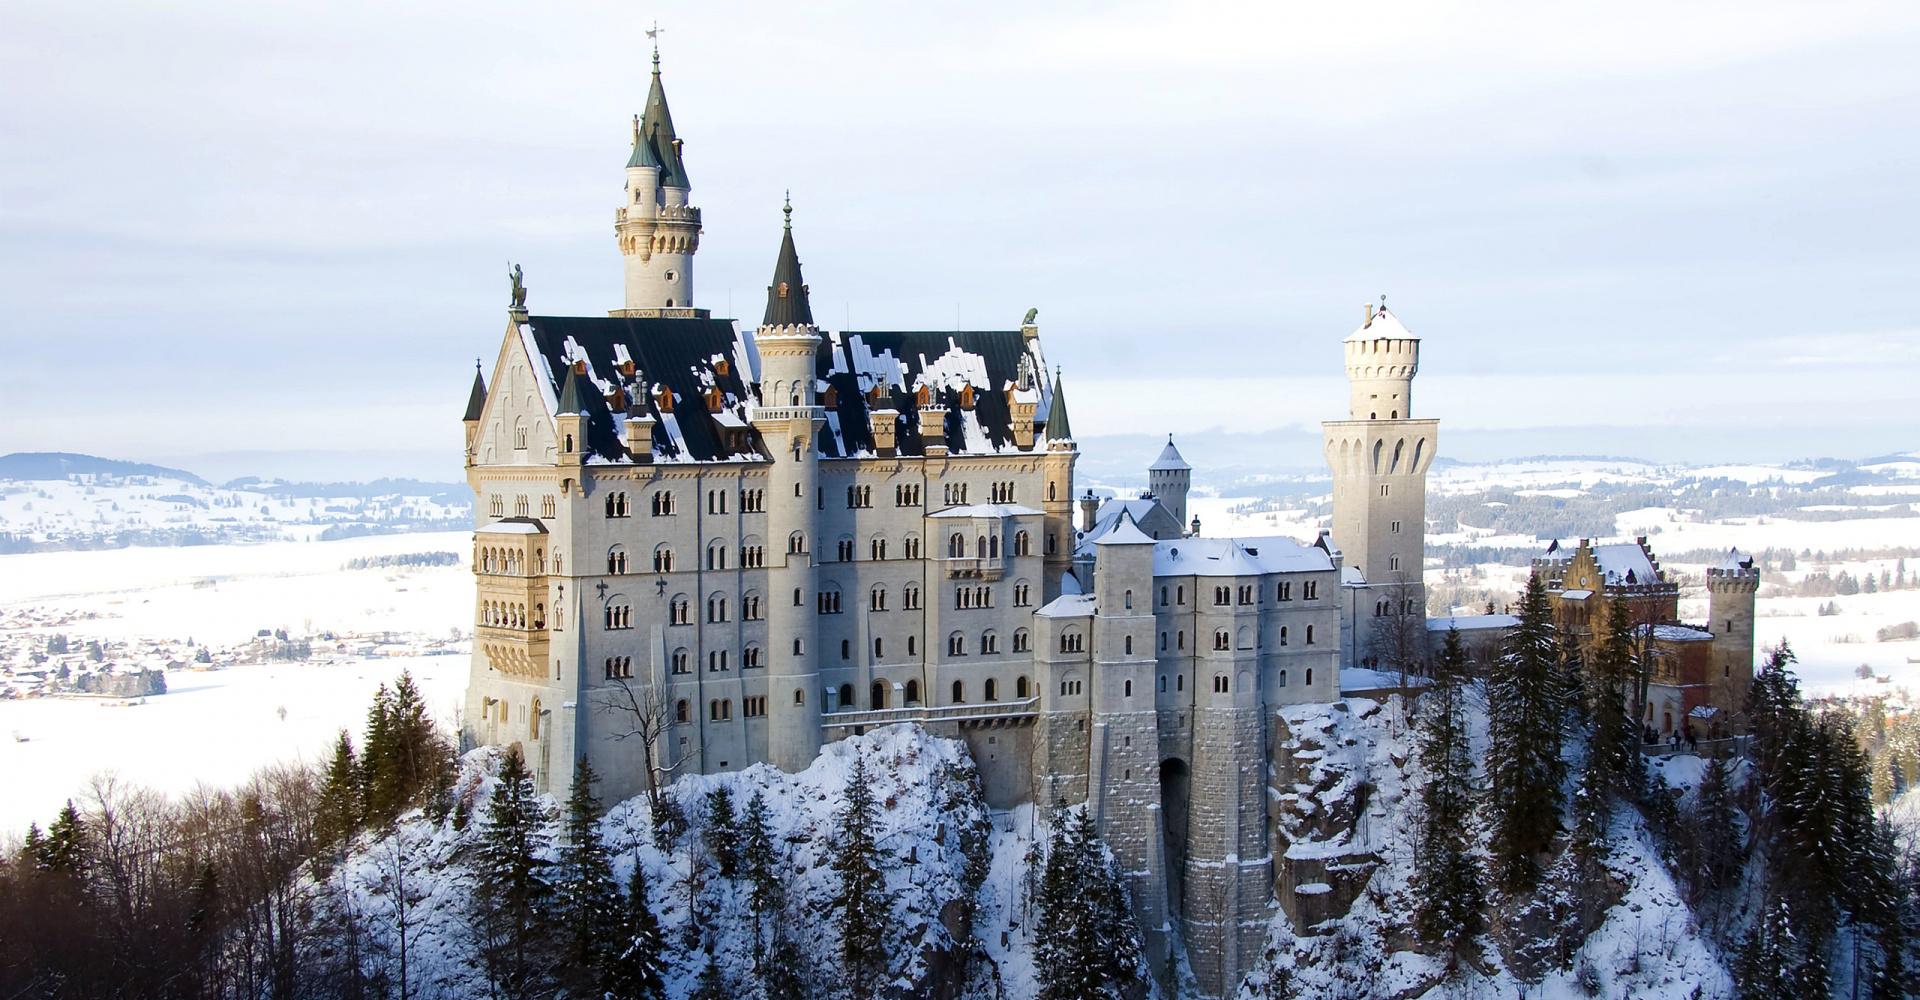 El castillo de Neuschwanstein en Alemania en invierno